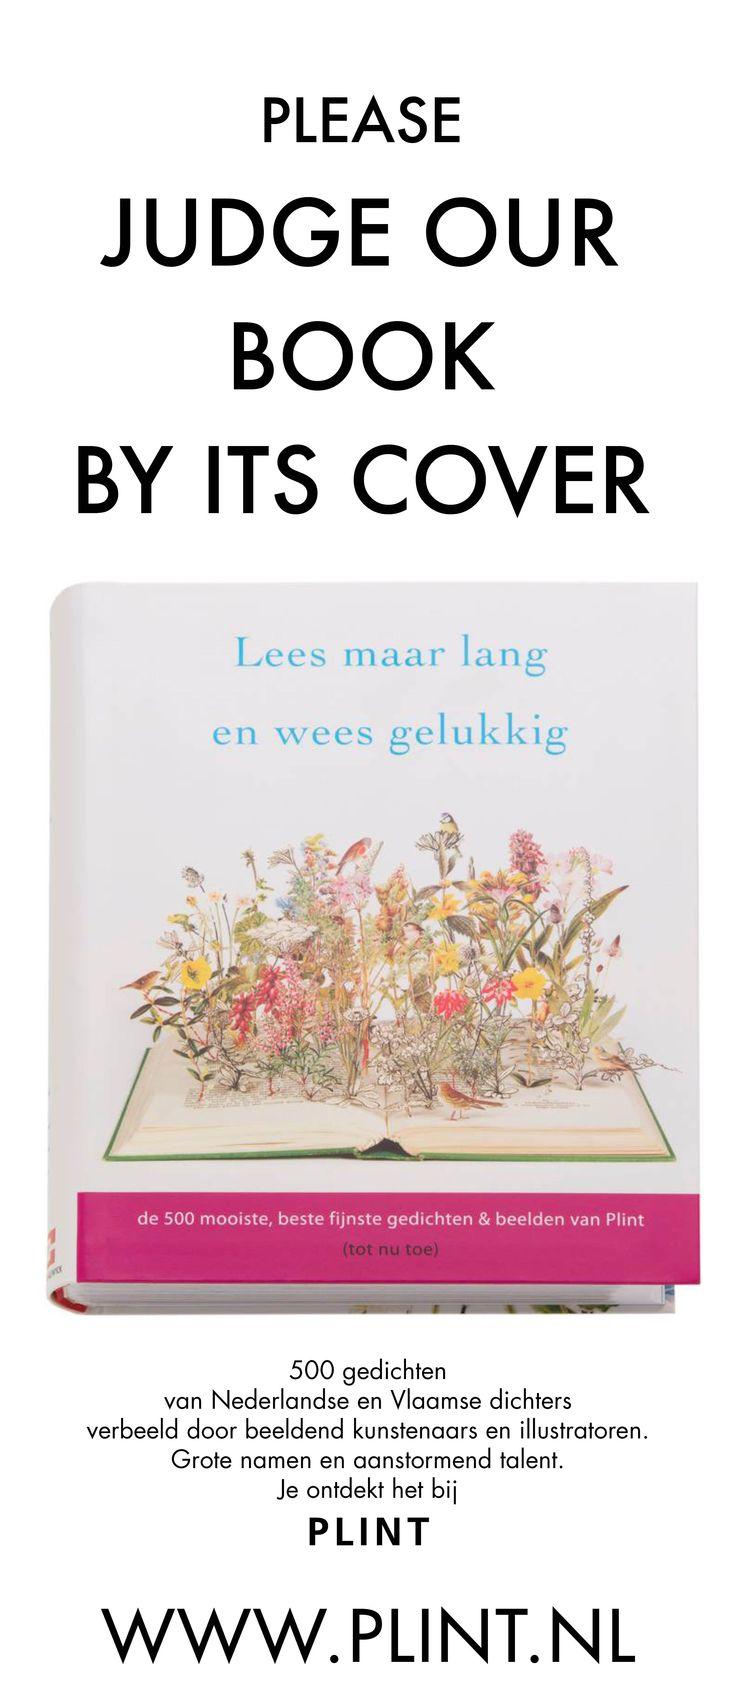 500 gedichten van Nederlandse en Vlaamse dichters verbeeld door beeldend kunstenaars en illustratoren.  Grote namen en aanstormend talent.  Je ontdekt het bij PLINT  http://www.plint.nl/plint/op-schoot/boeken/boek-lees-maar-lang-en-wees-gelukkig/